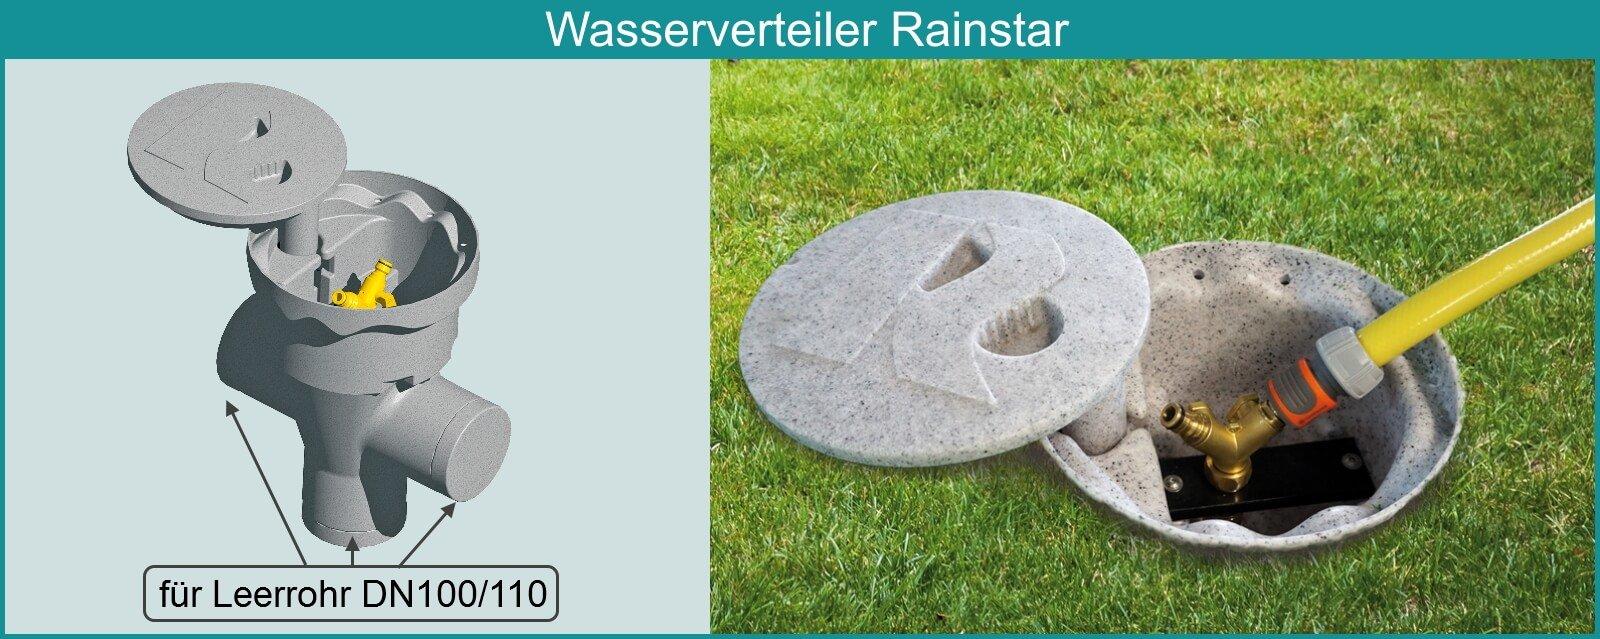 Rainstar-beschriftet